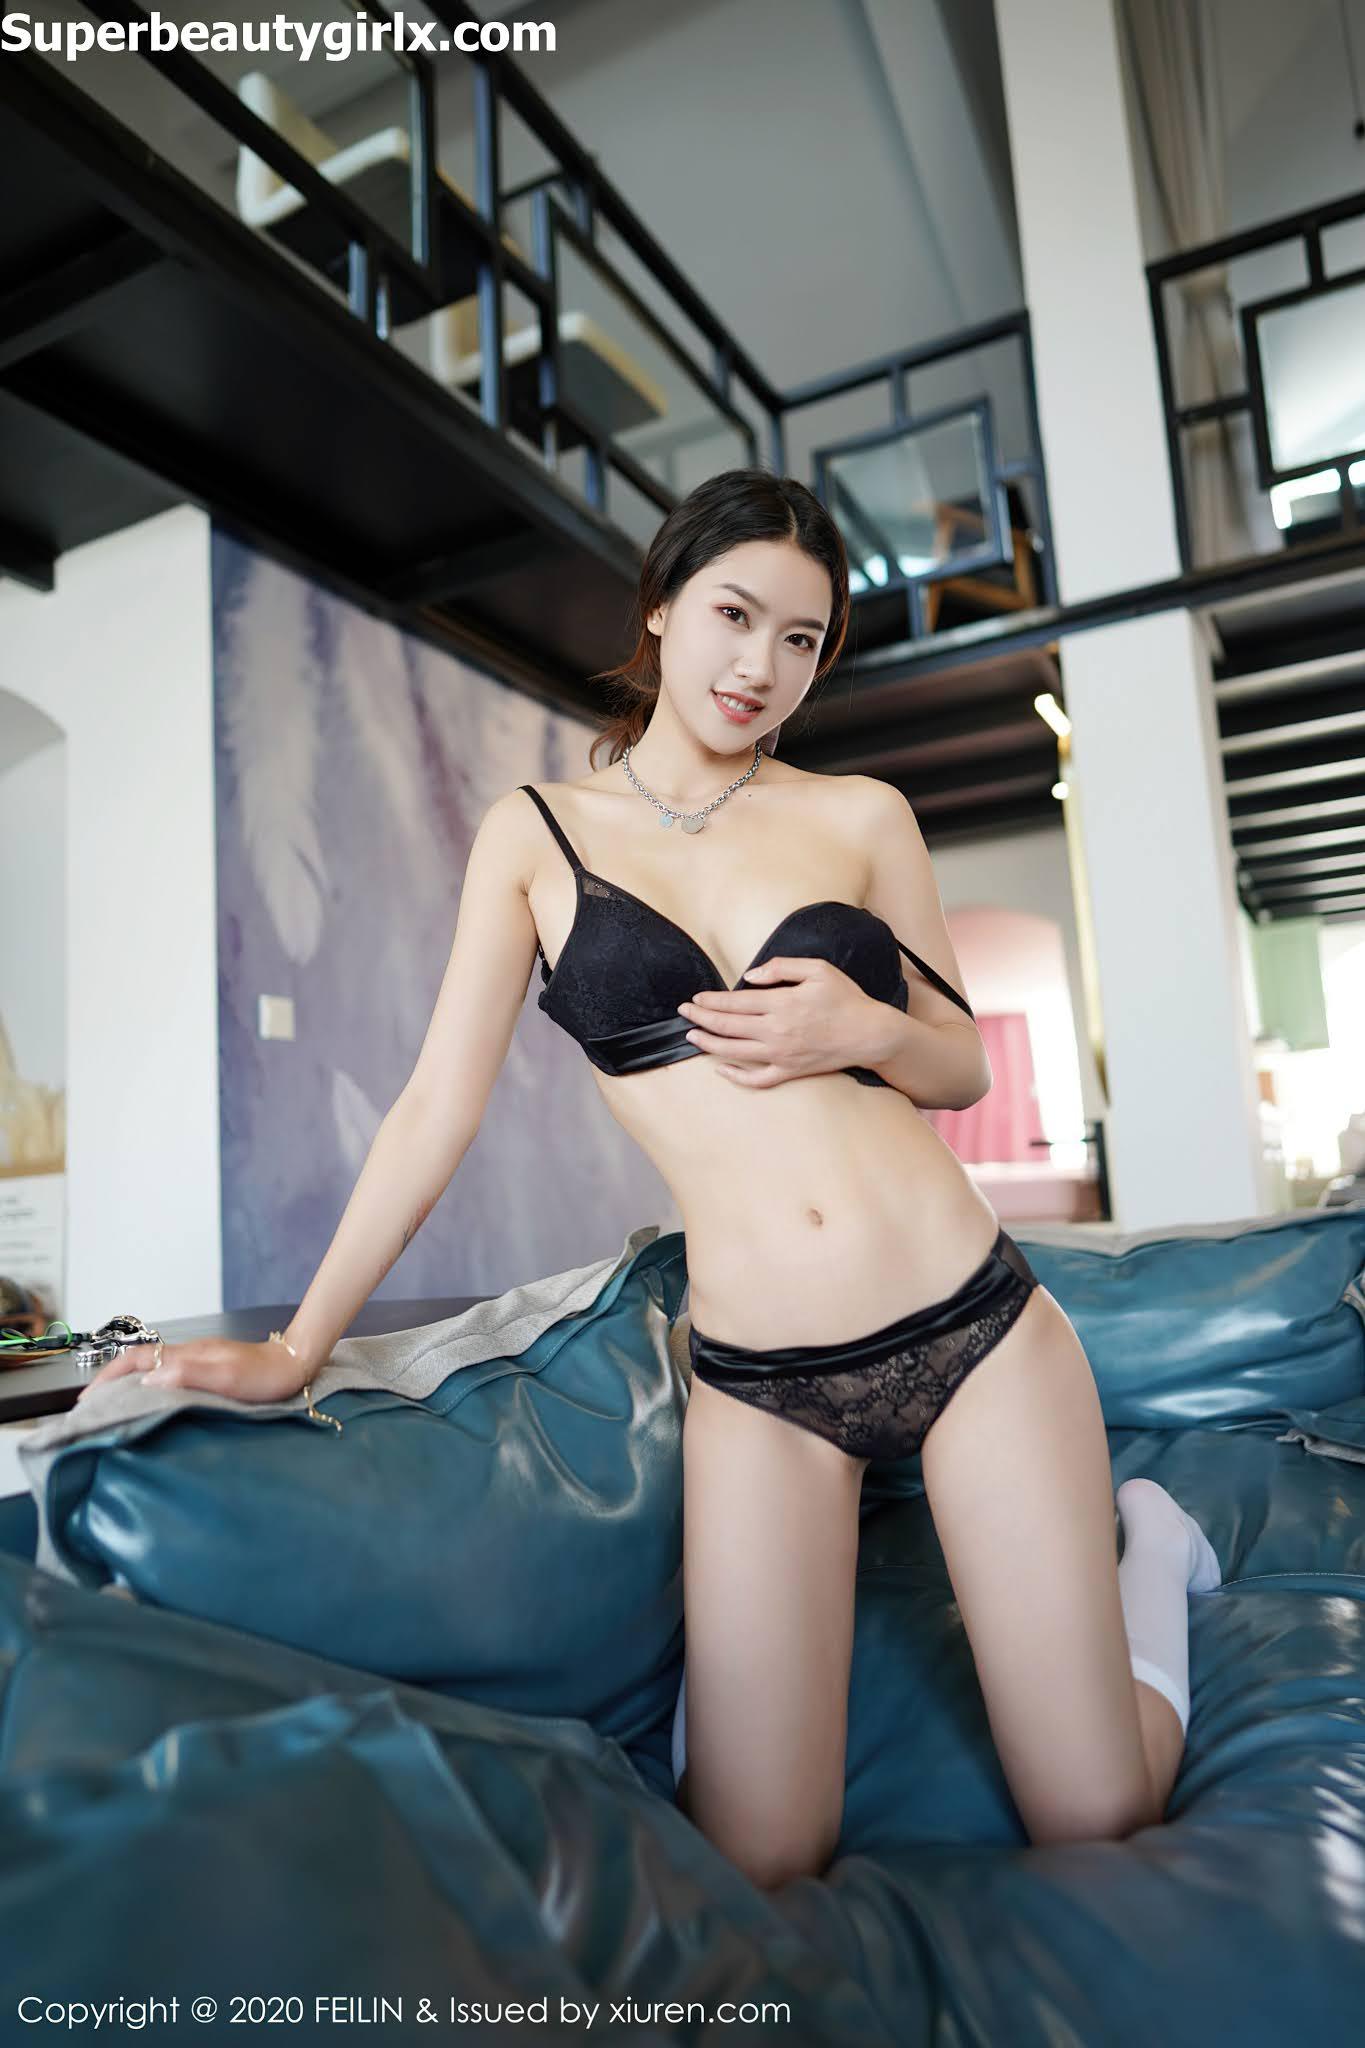 FEILIN-Vol.354-Fang-Zi-Xuan-Superbeautygirlx.com